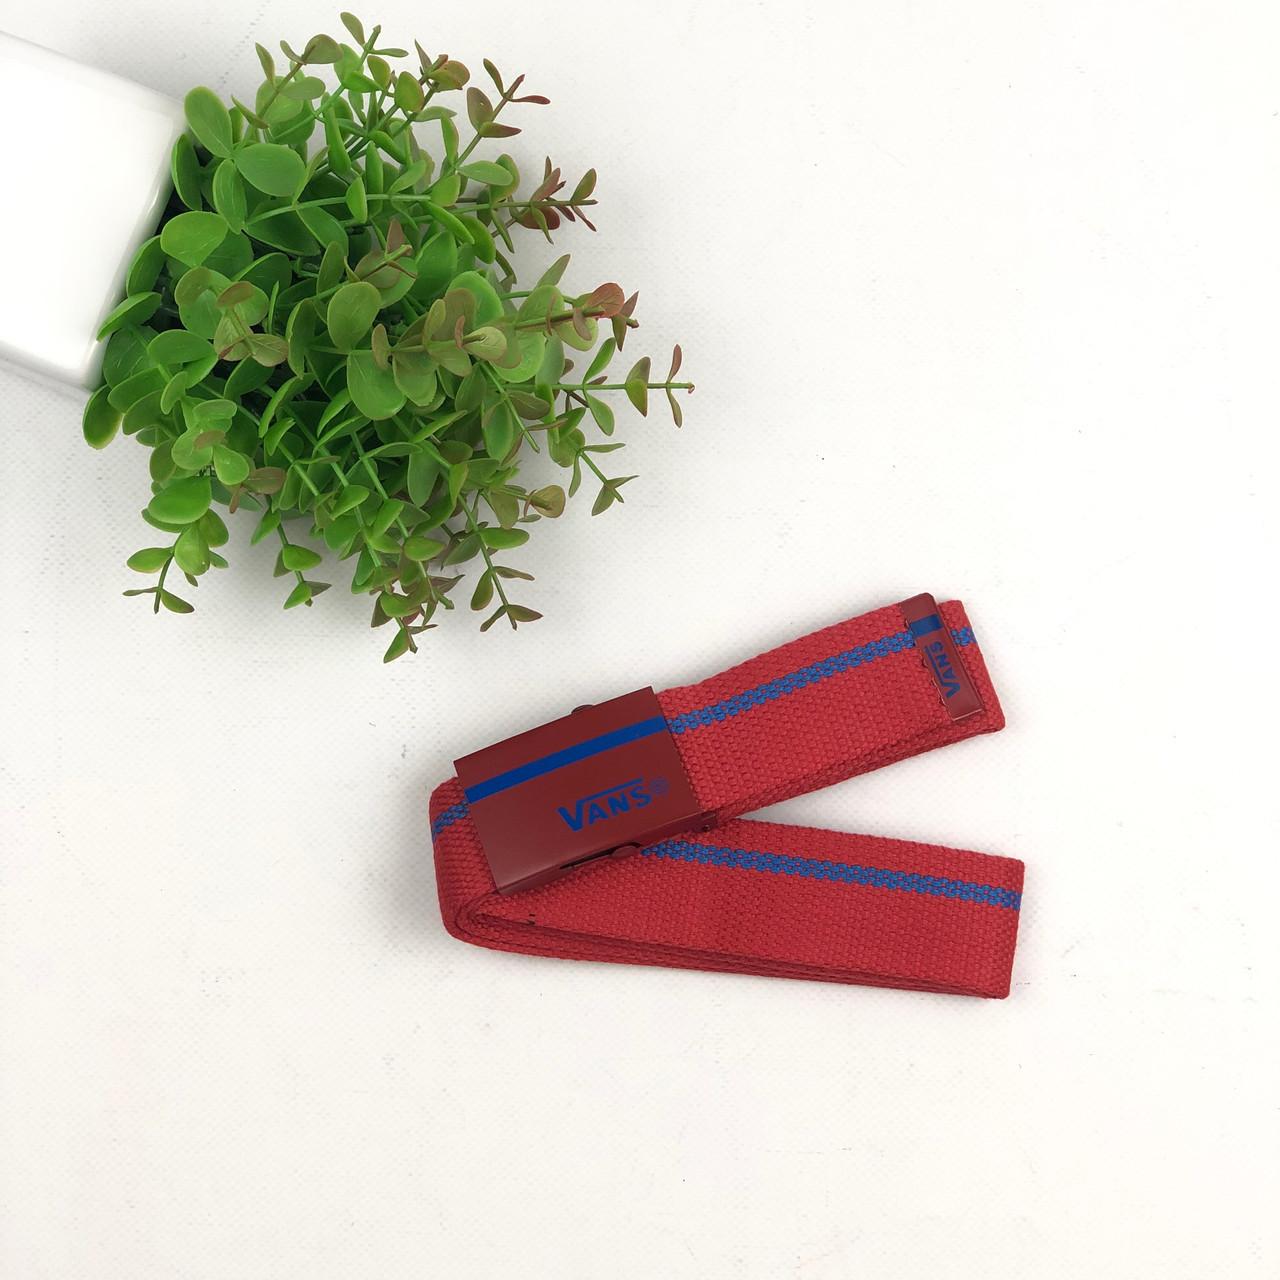 Ремень Пояс Vans полоска  - Красный 105 см